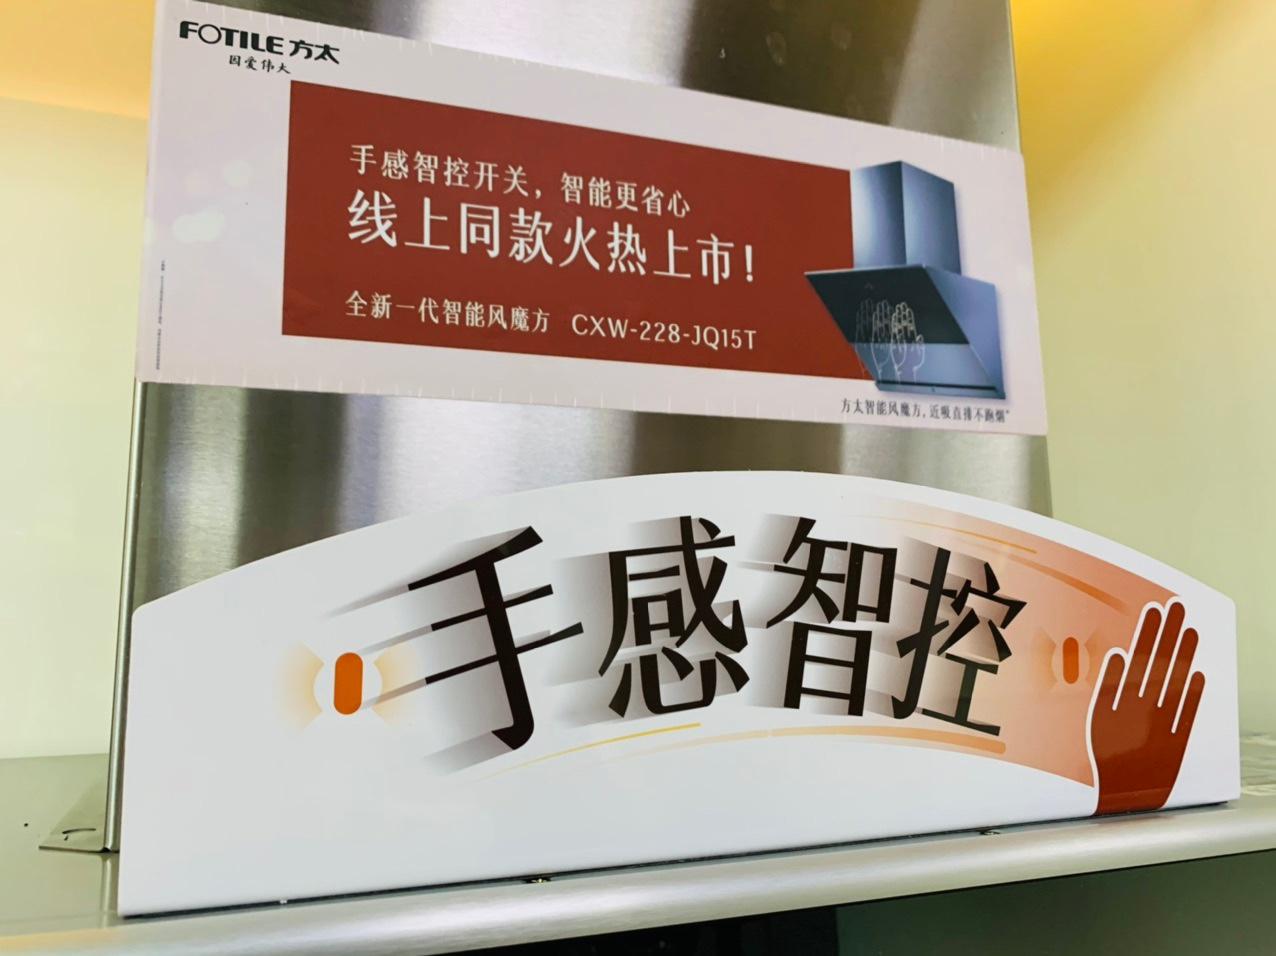 今日探访:方太集成烹饪中心